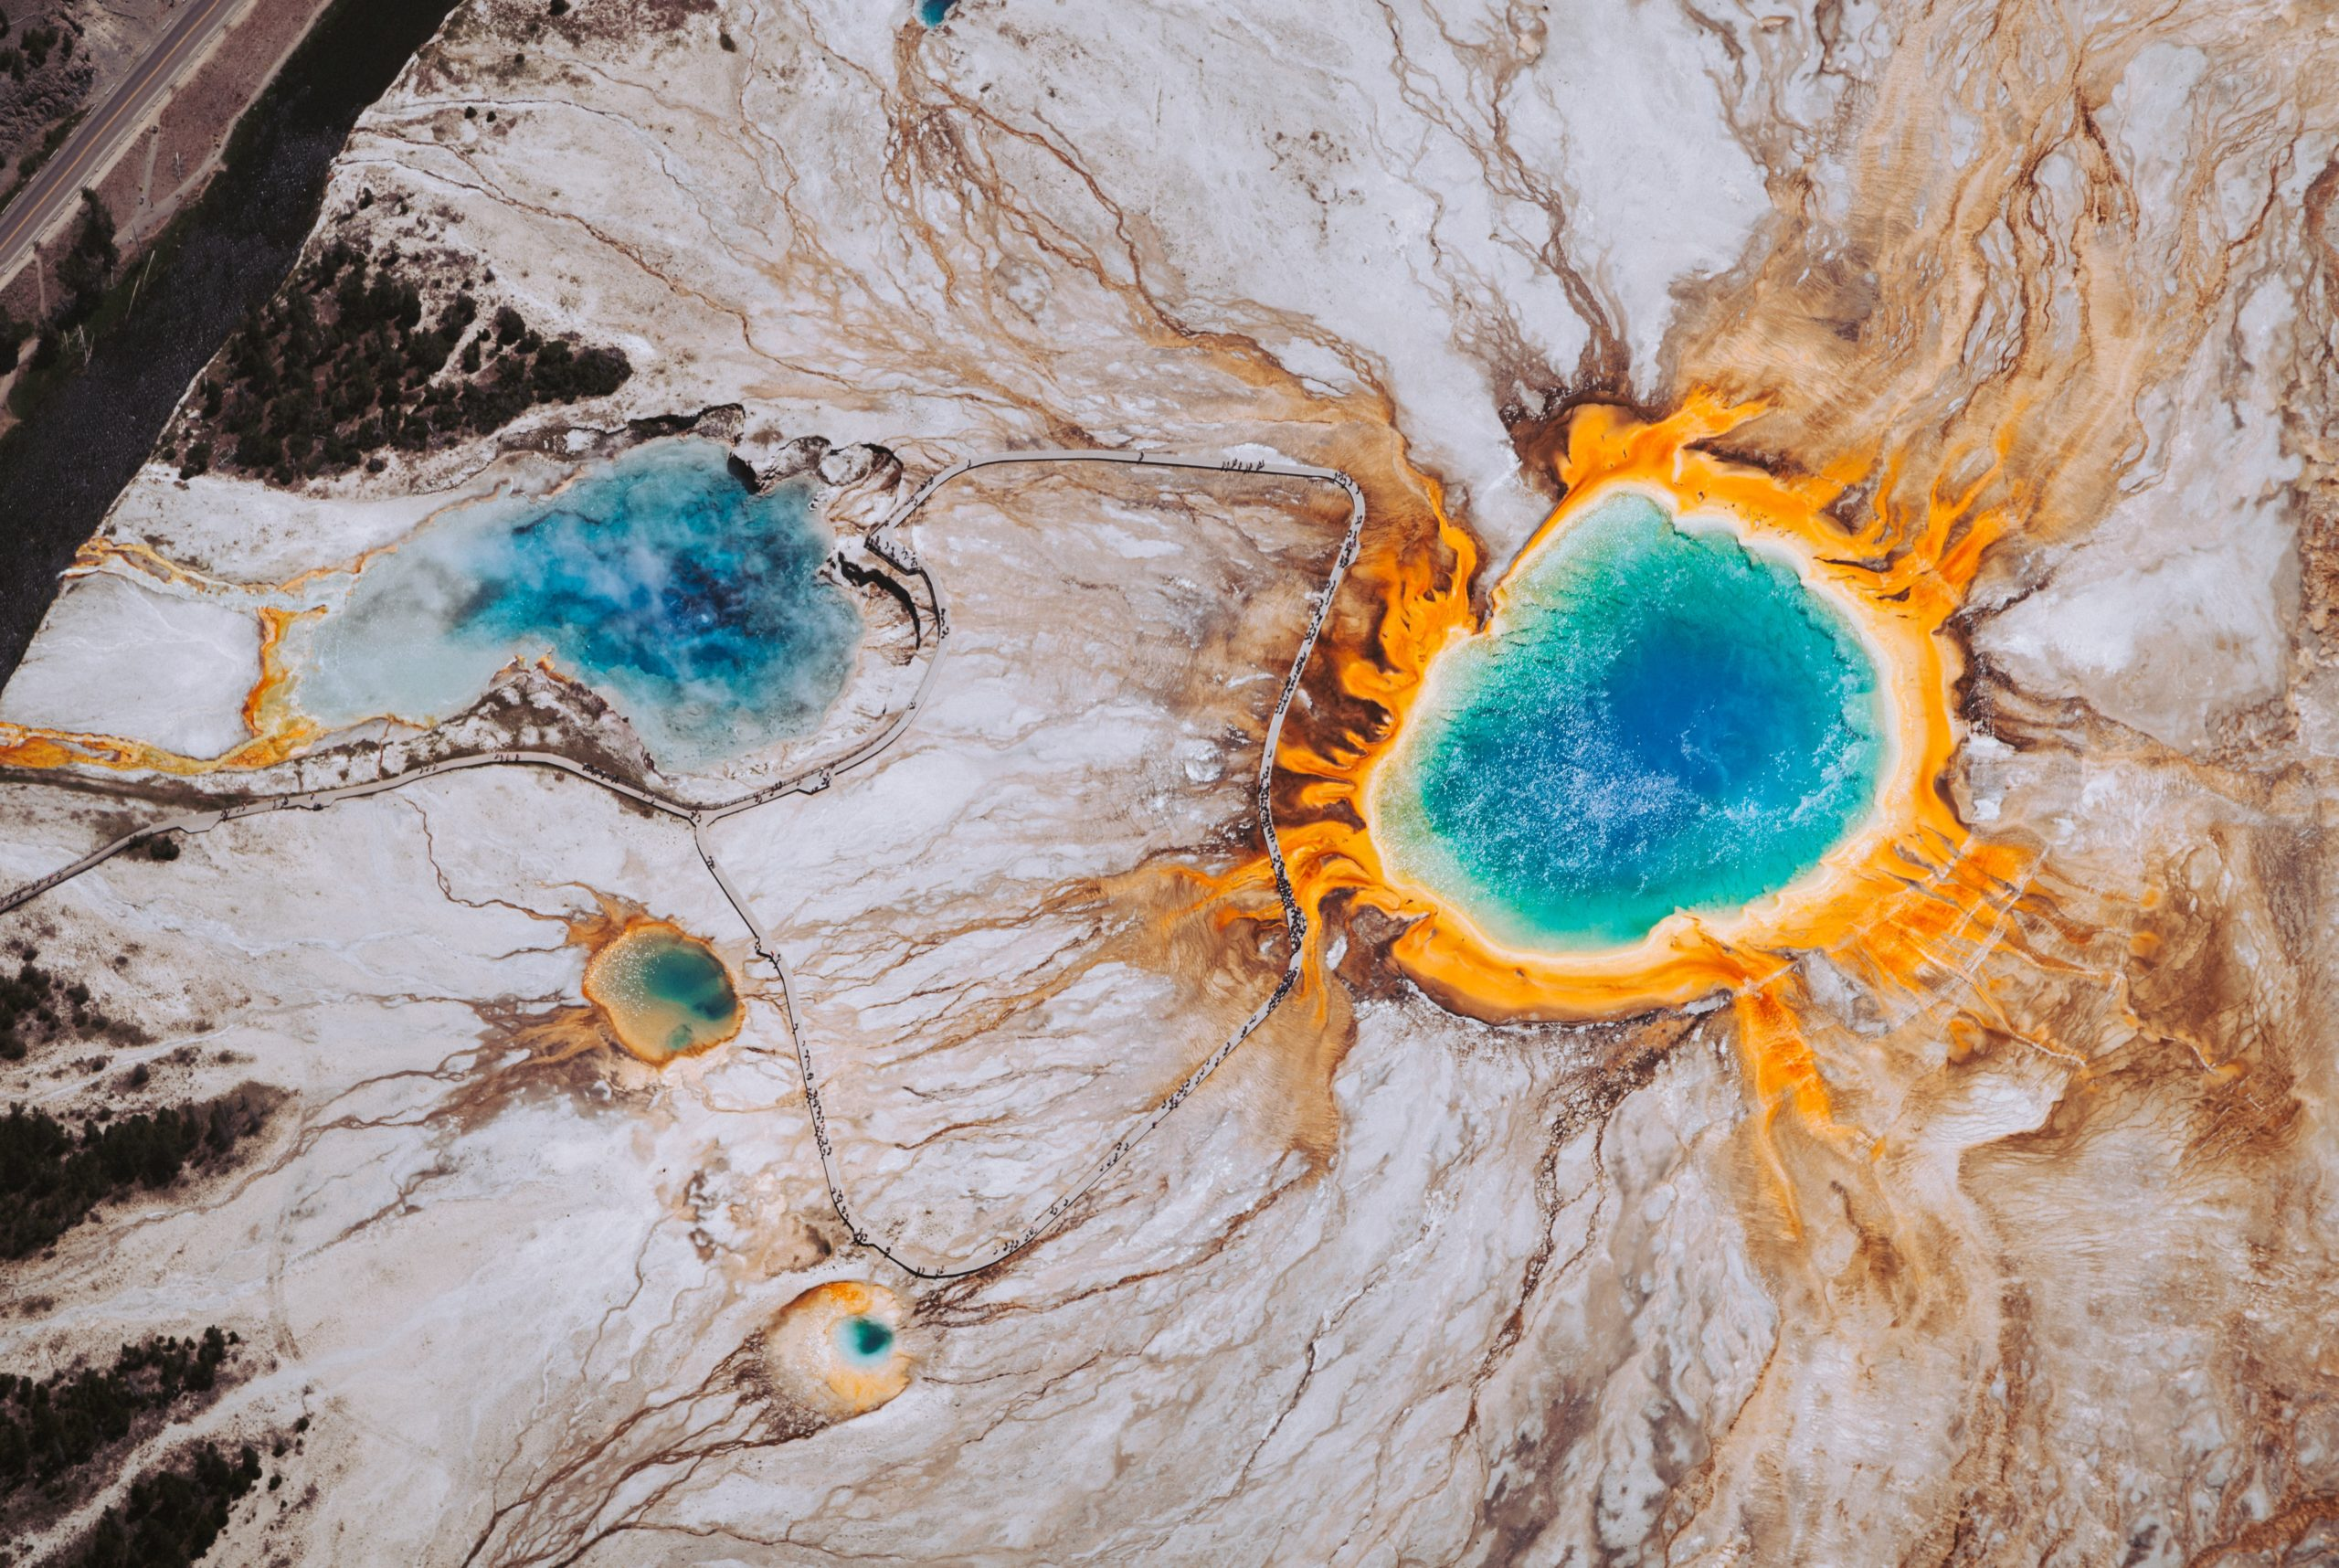 Narodni parki zahodnih ZDA